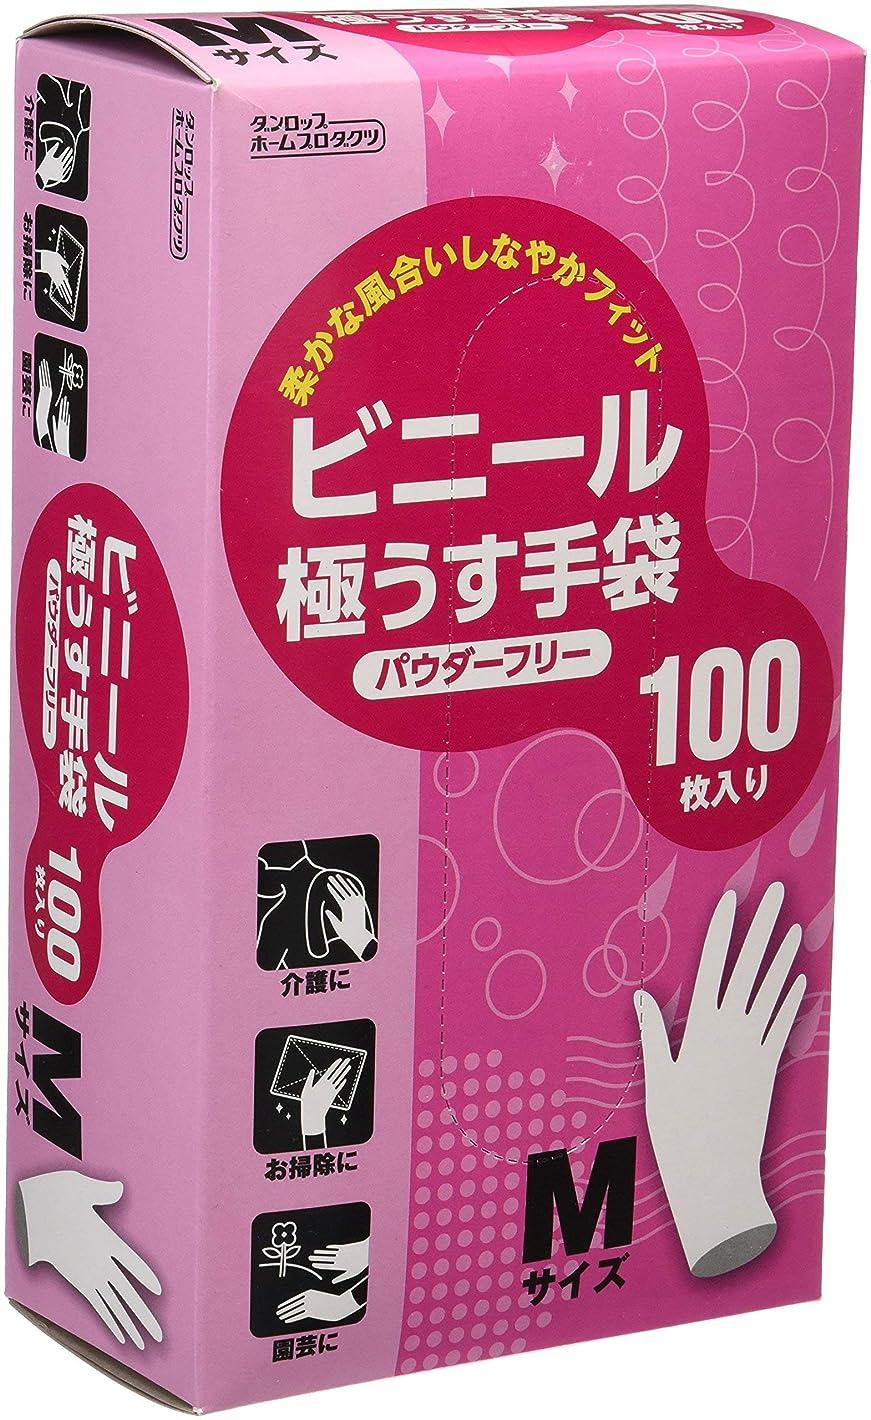 説教するスケルトン提案するダンロップ ビニール極うす手袋 パウダーフリー Mサイズ 100枚入 ×20個